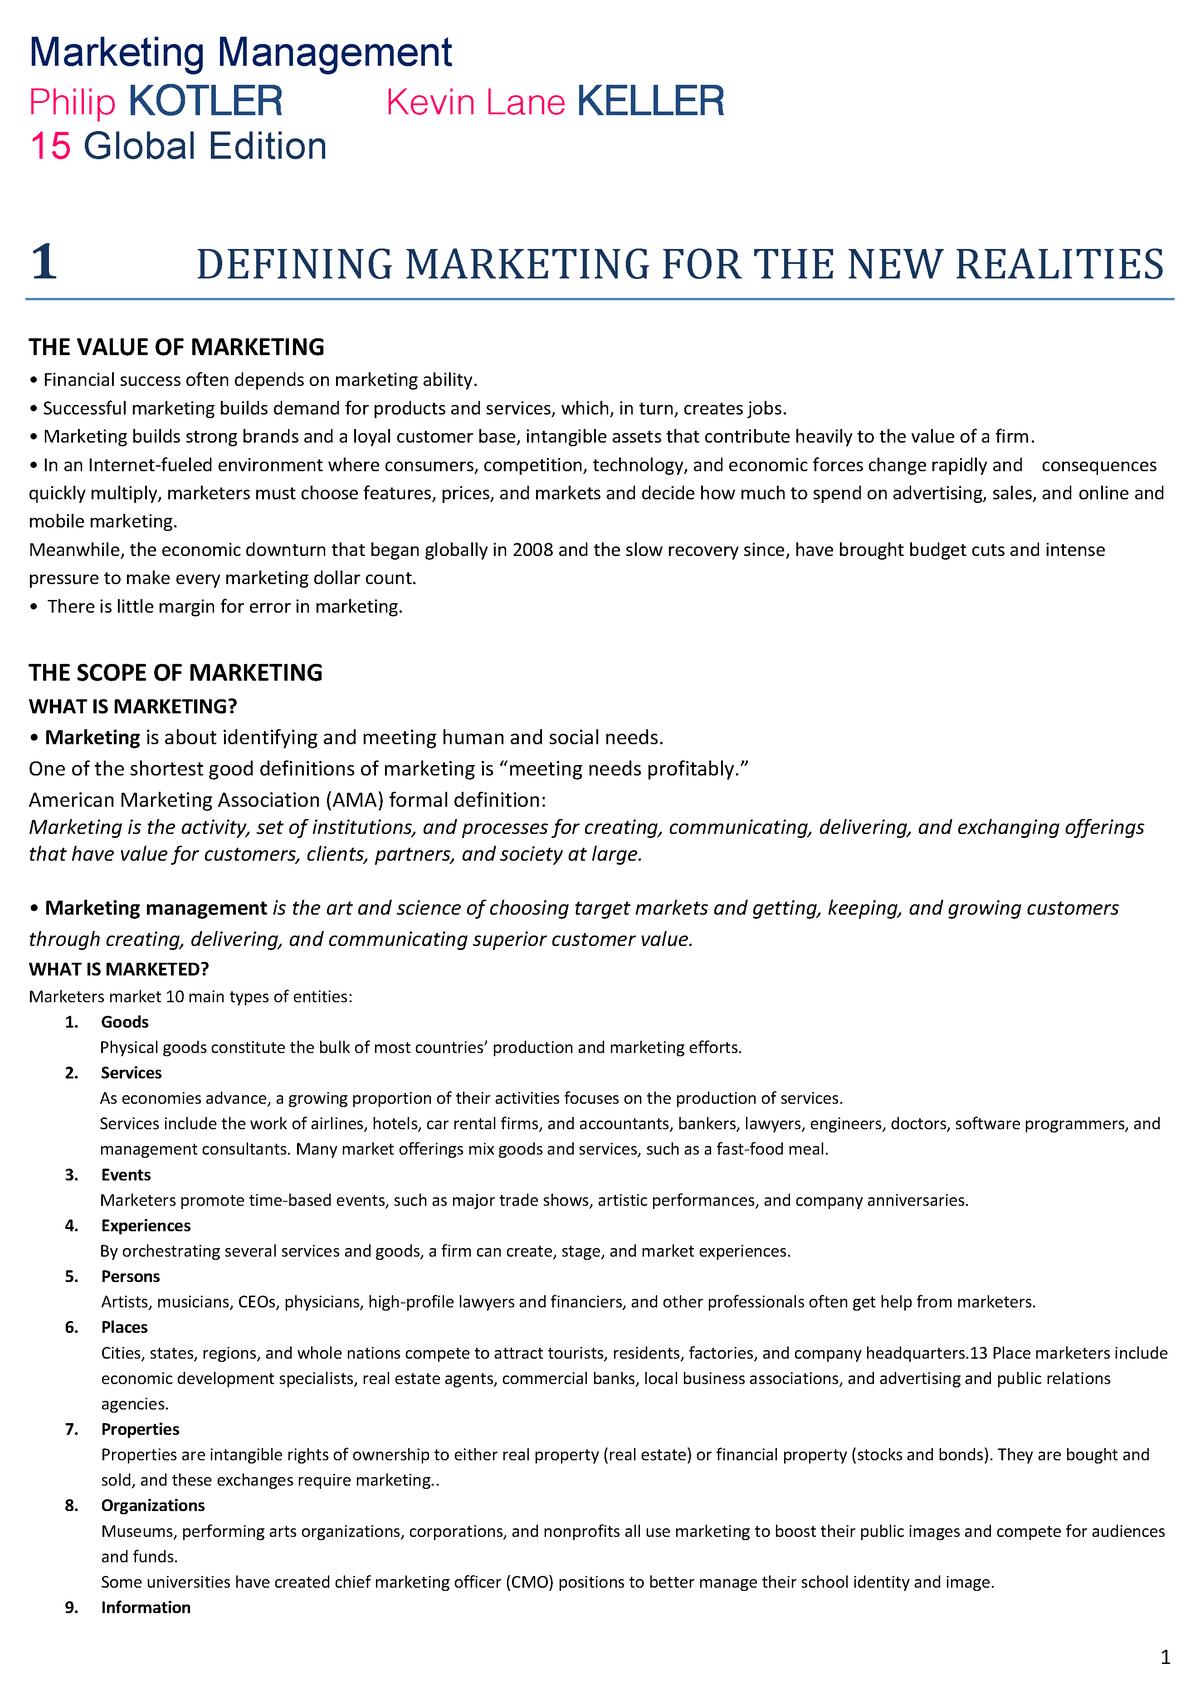 Marketing Management - 8037346 - UniRoma2 - StuDocu